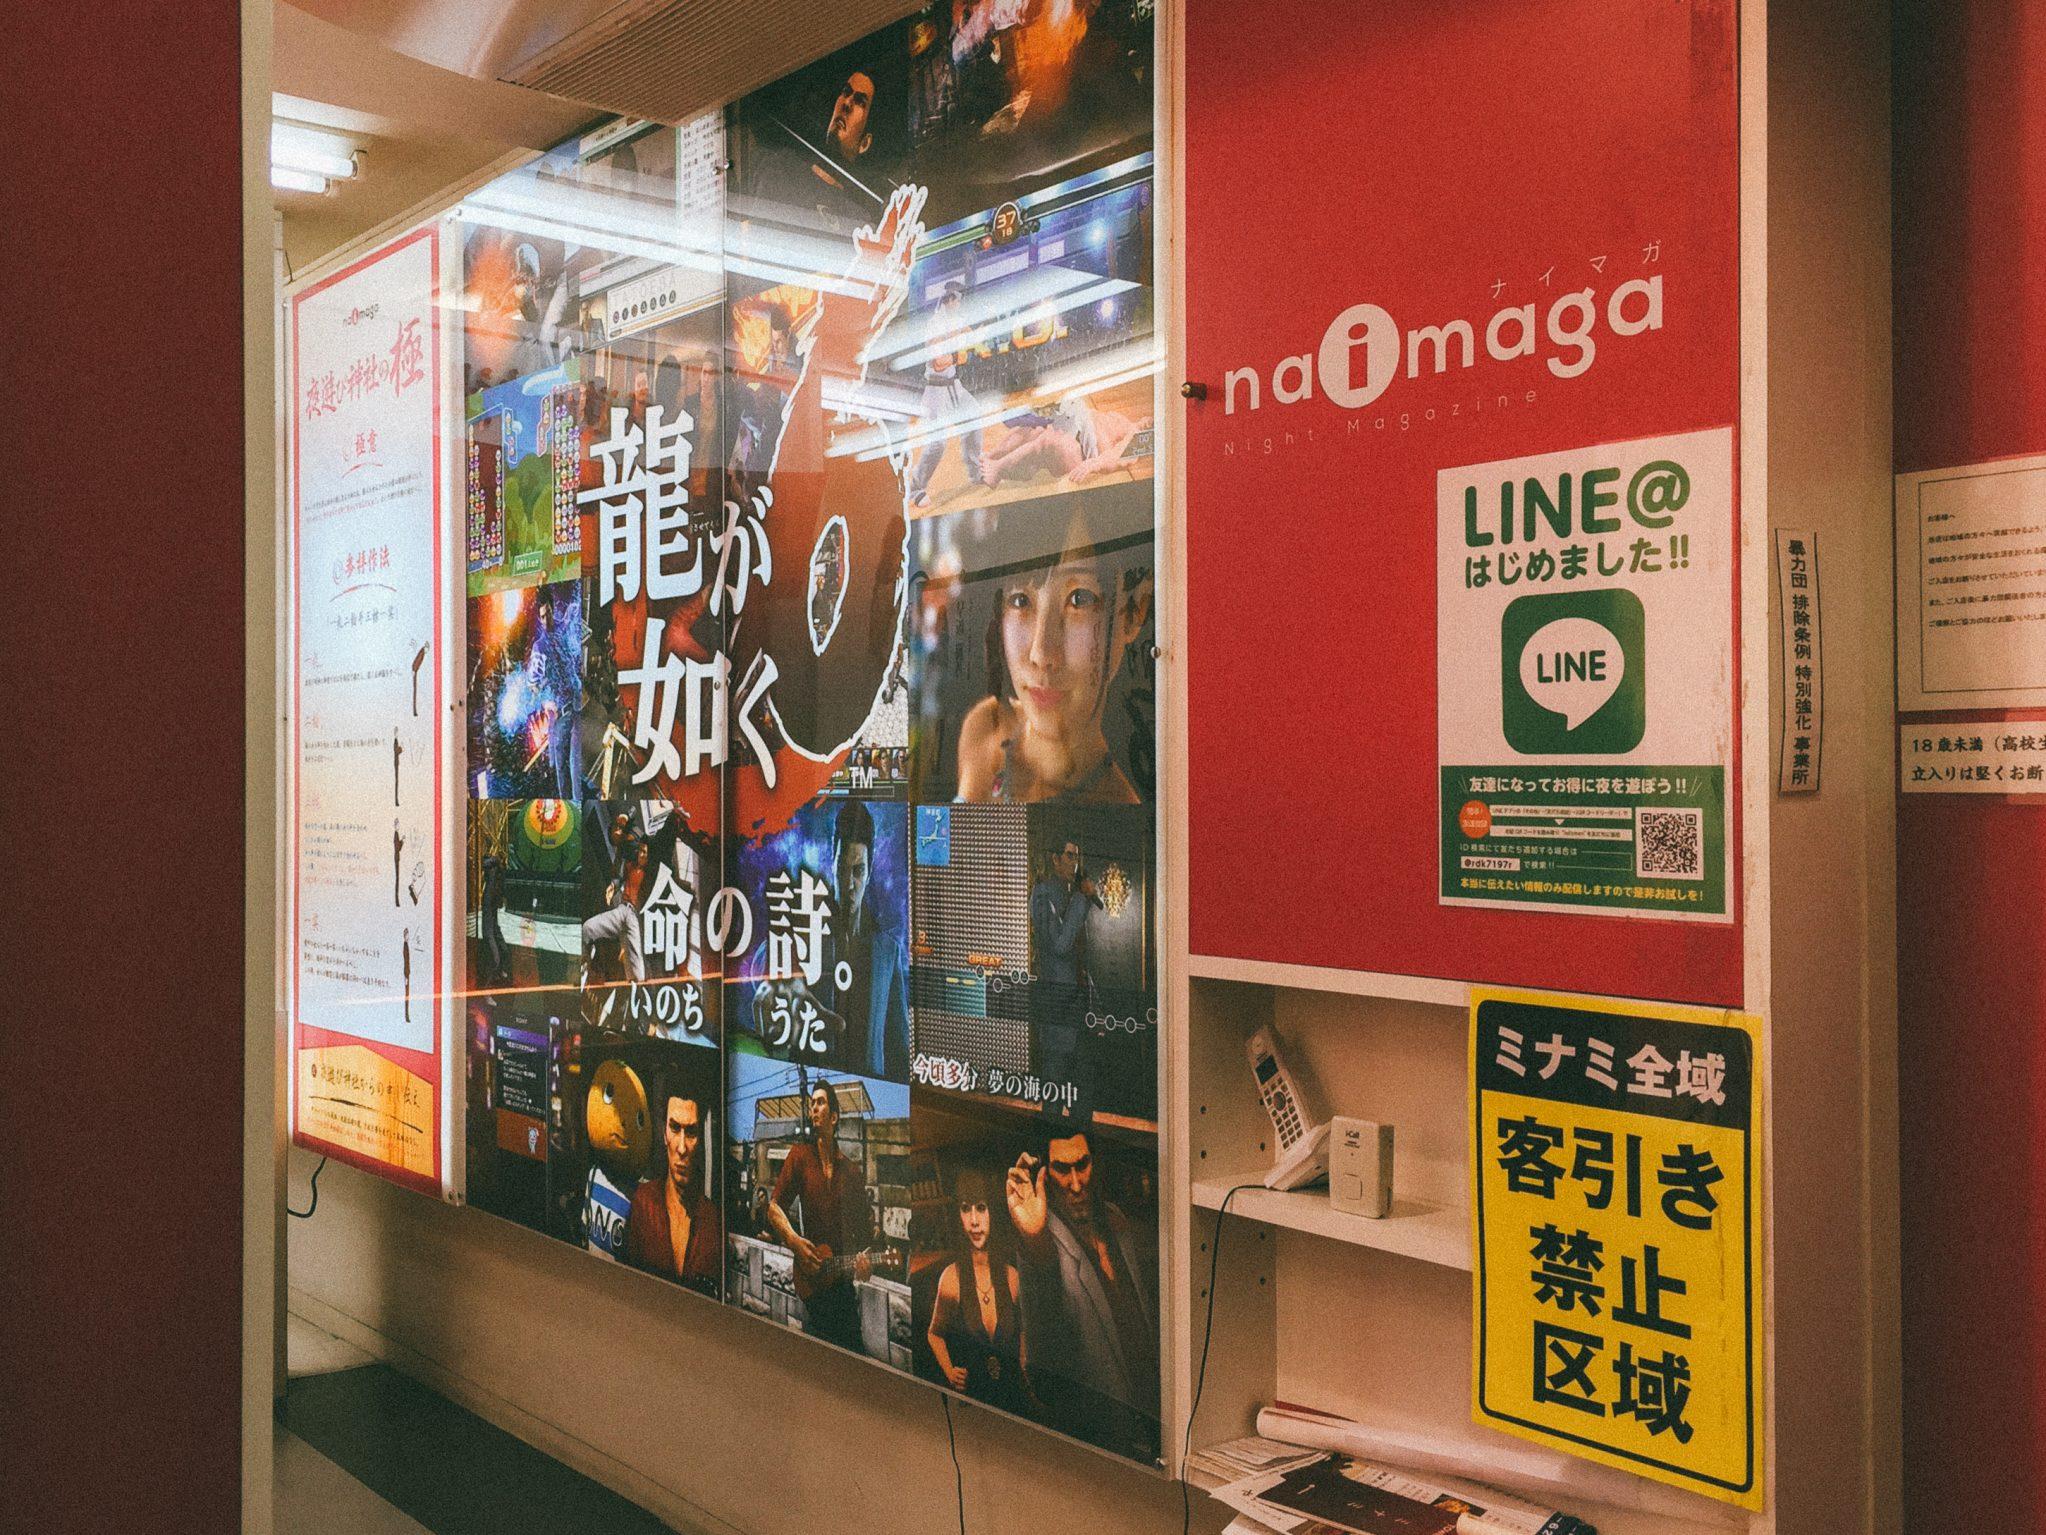 《人中之龍 6》Naimaga 無料案內所